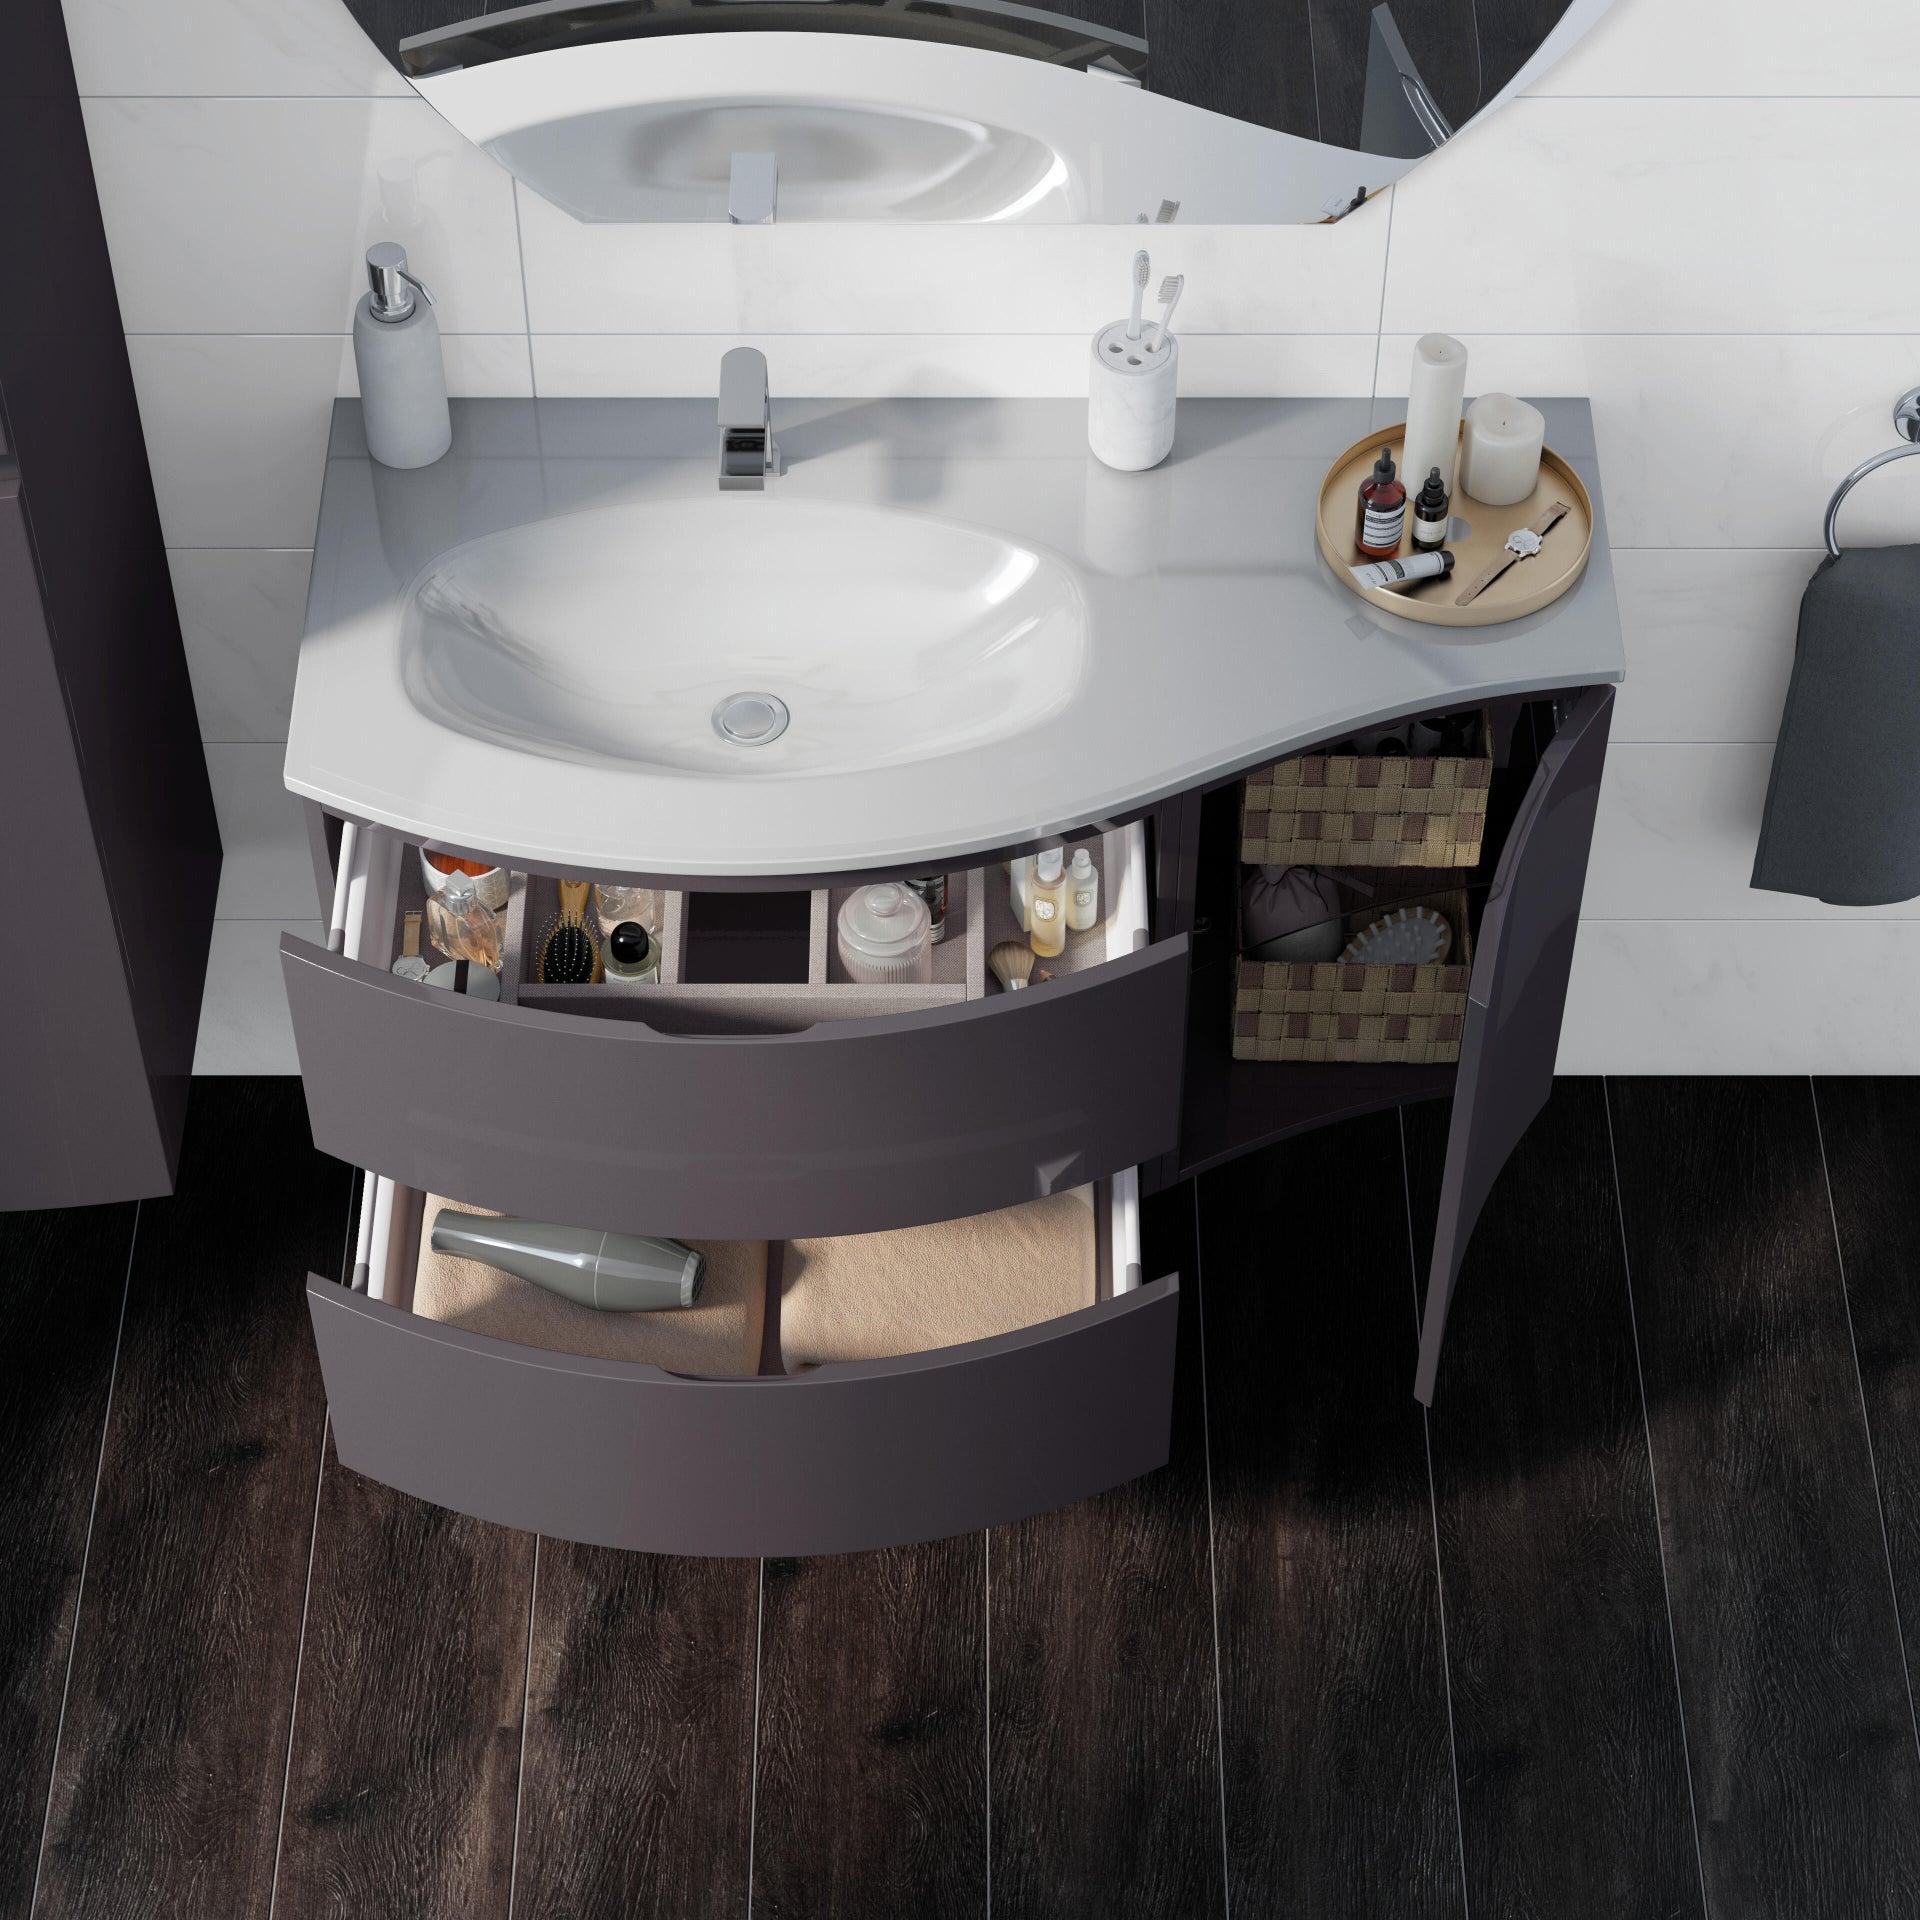 Mobile bagno Vague antracite L 104 cm - 2